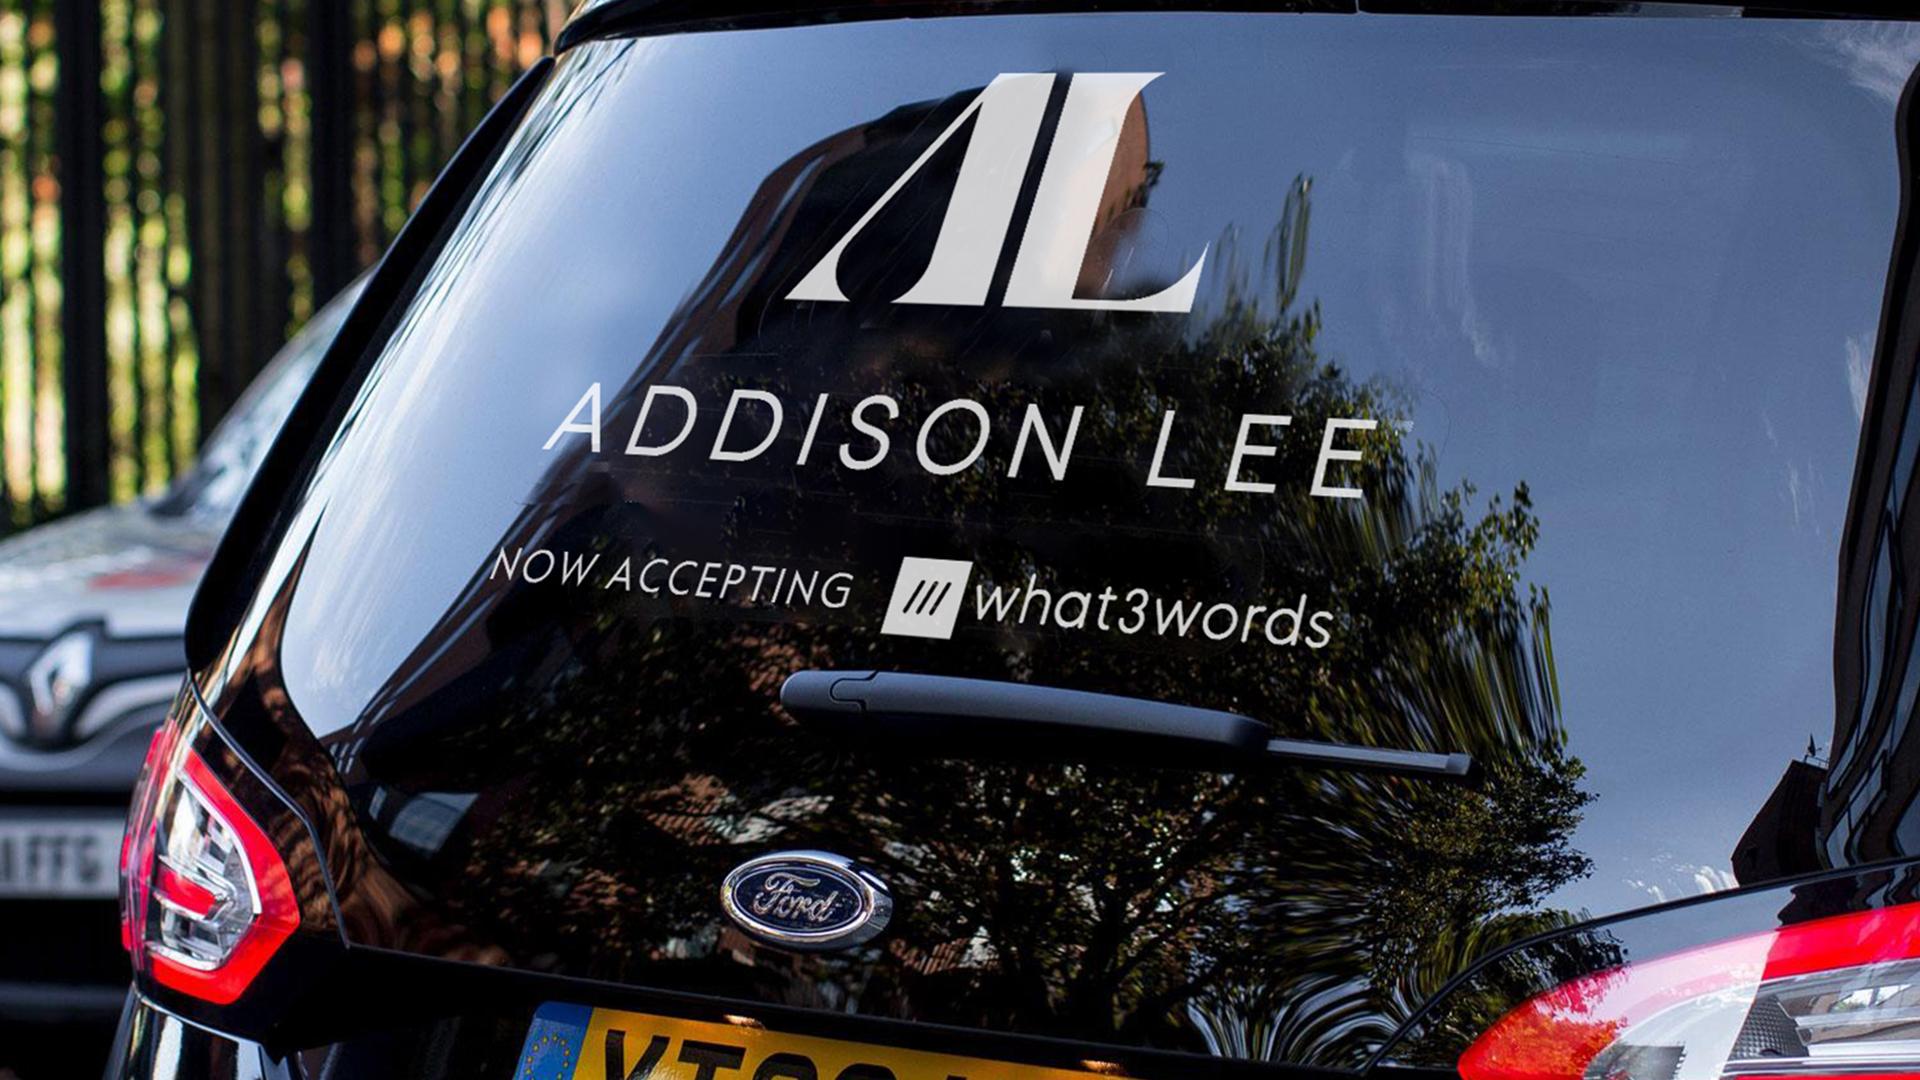 Addison Lee taxi